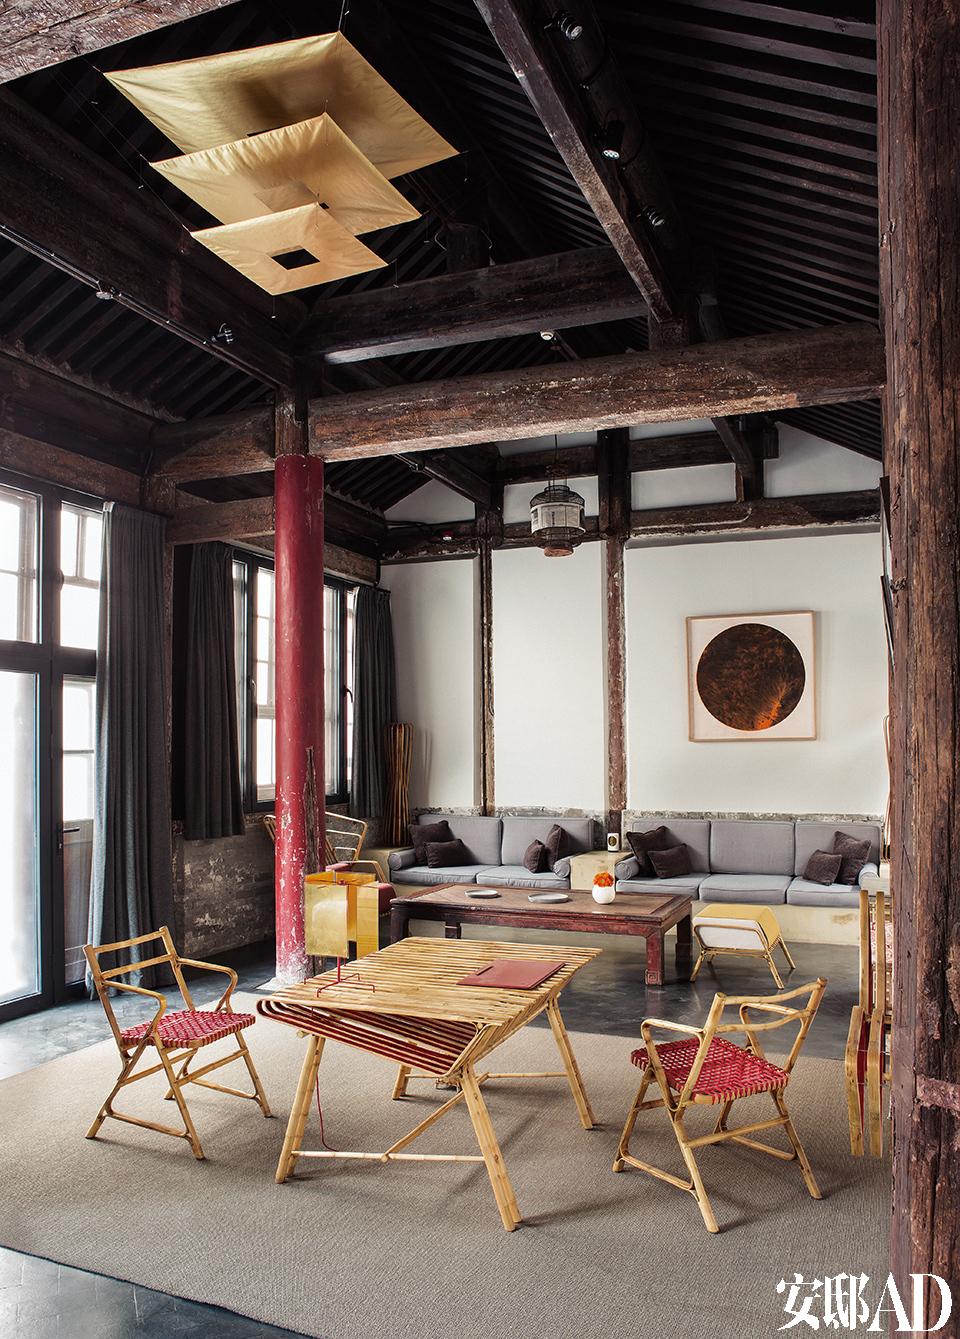 """君子不能居无竹,印度设计师 Sandeep Sangaru的系列竹编家具在古房梁下带出一种年轻的律动。最大的一间僧寮式客房""""呈祥""""有75m2,里面最大的亮点就是印度设计师Sandeep Sangaru的系列竹编家具,包括桌椅、躺椅、坐凳、书架、衣架、落地灯等多个品类,Juan在2013年的北京国际设计周""""知竹""""主题展上发现了他。远处一张红色的古董榻正面也是竹 编而成,它如今被用作了茶几。白墙上的水墨画来自画家汤国,是这间客房中的主要艺术品。金光闪闪的台灯24 Karat Blau T和吊灯Luxury Pure都来自Juan最钟爱的灯具品牌Ingo Maurer,远处的鸟笼形吊灯则是他与工匠合作,利用回收鸟笼而制作的。"""